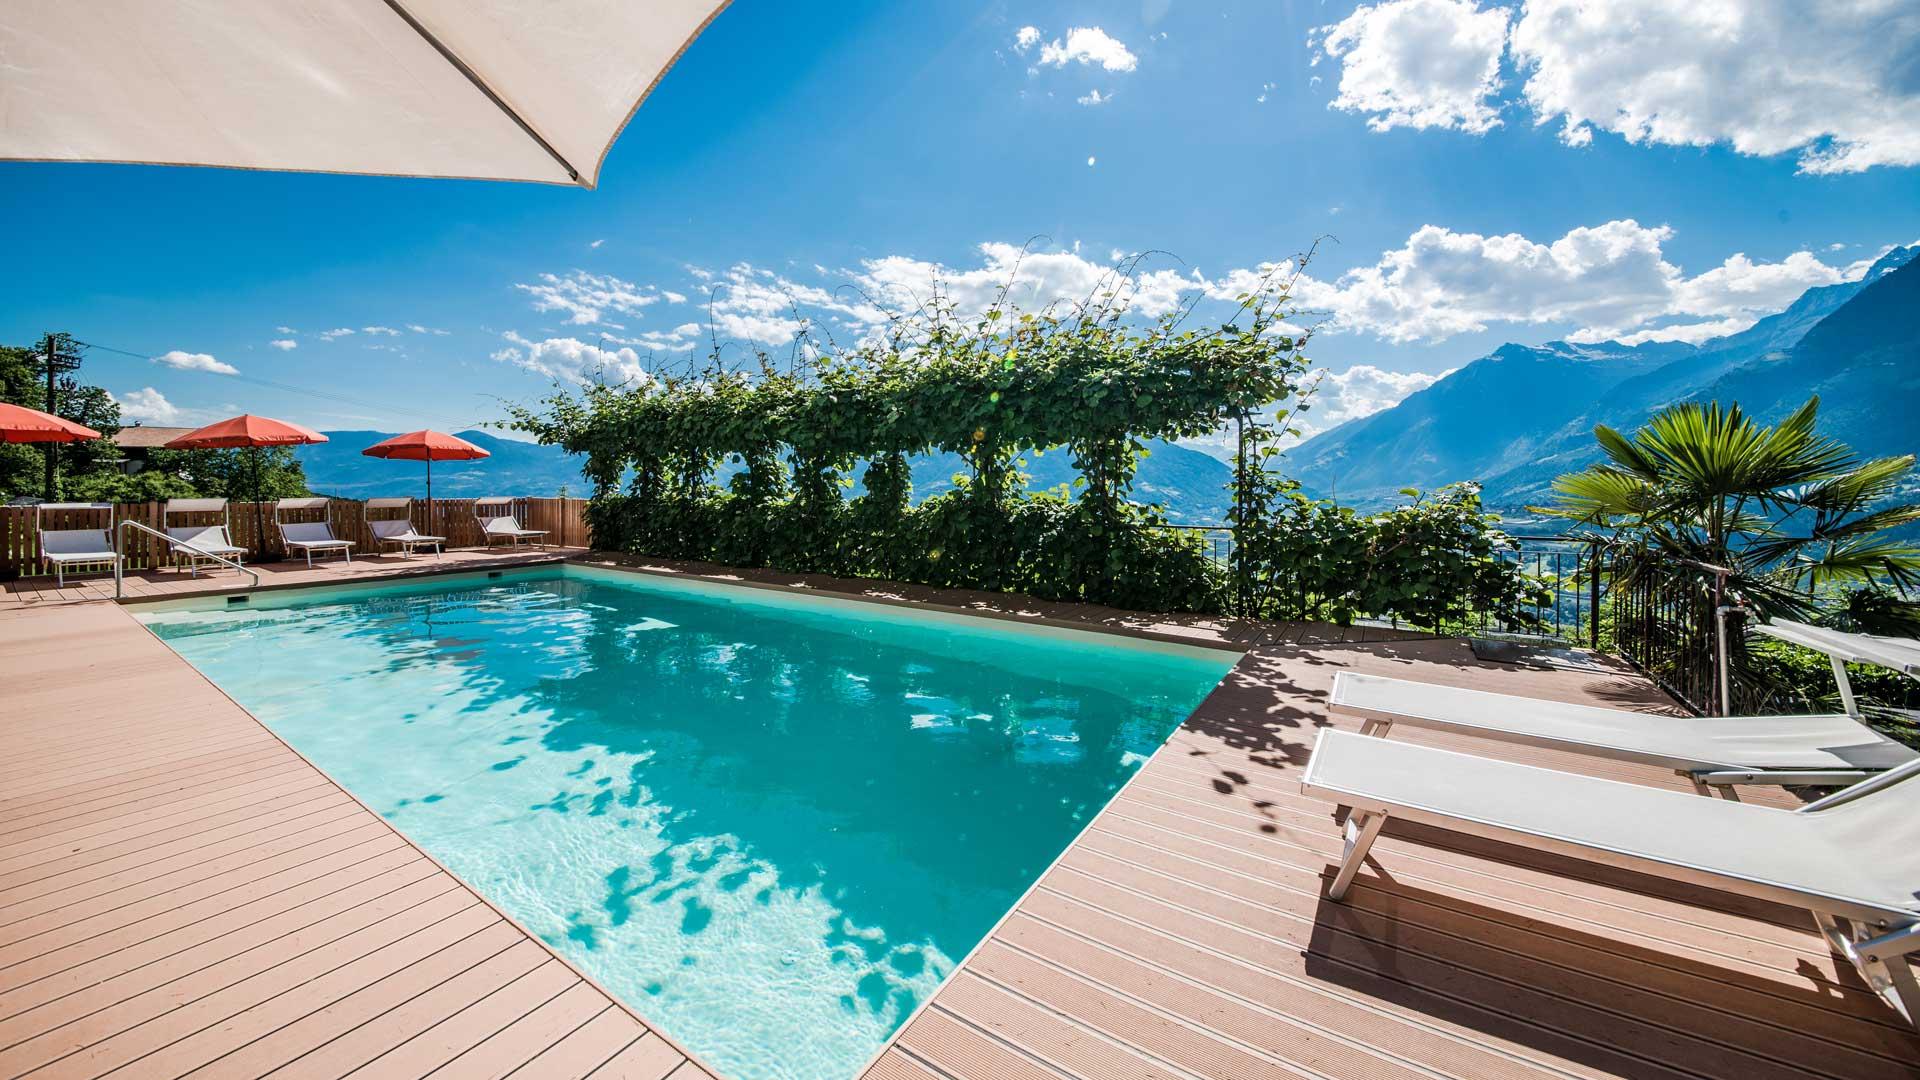 Hotel Tenne Schenna Bozen Italien